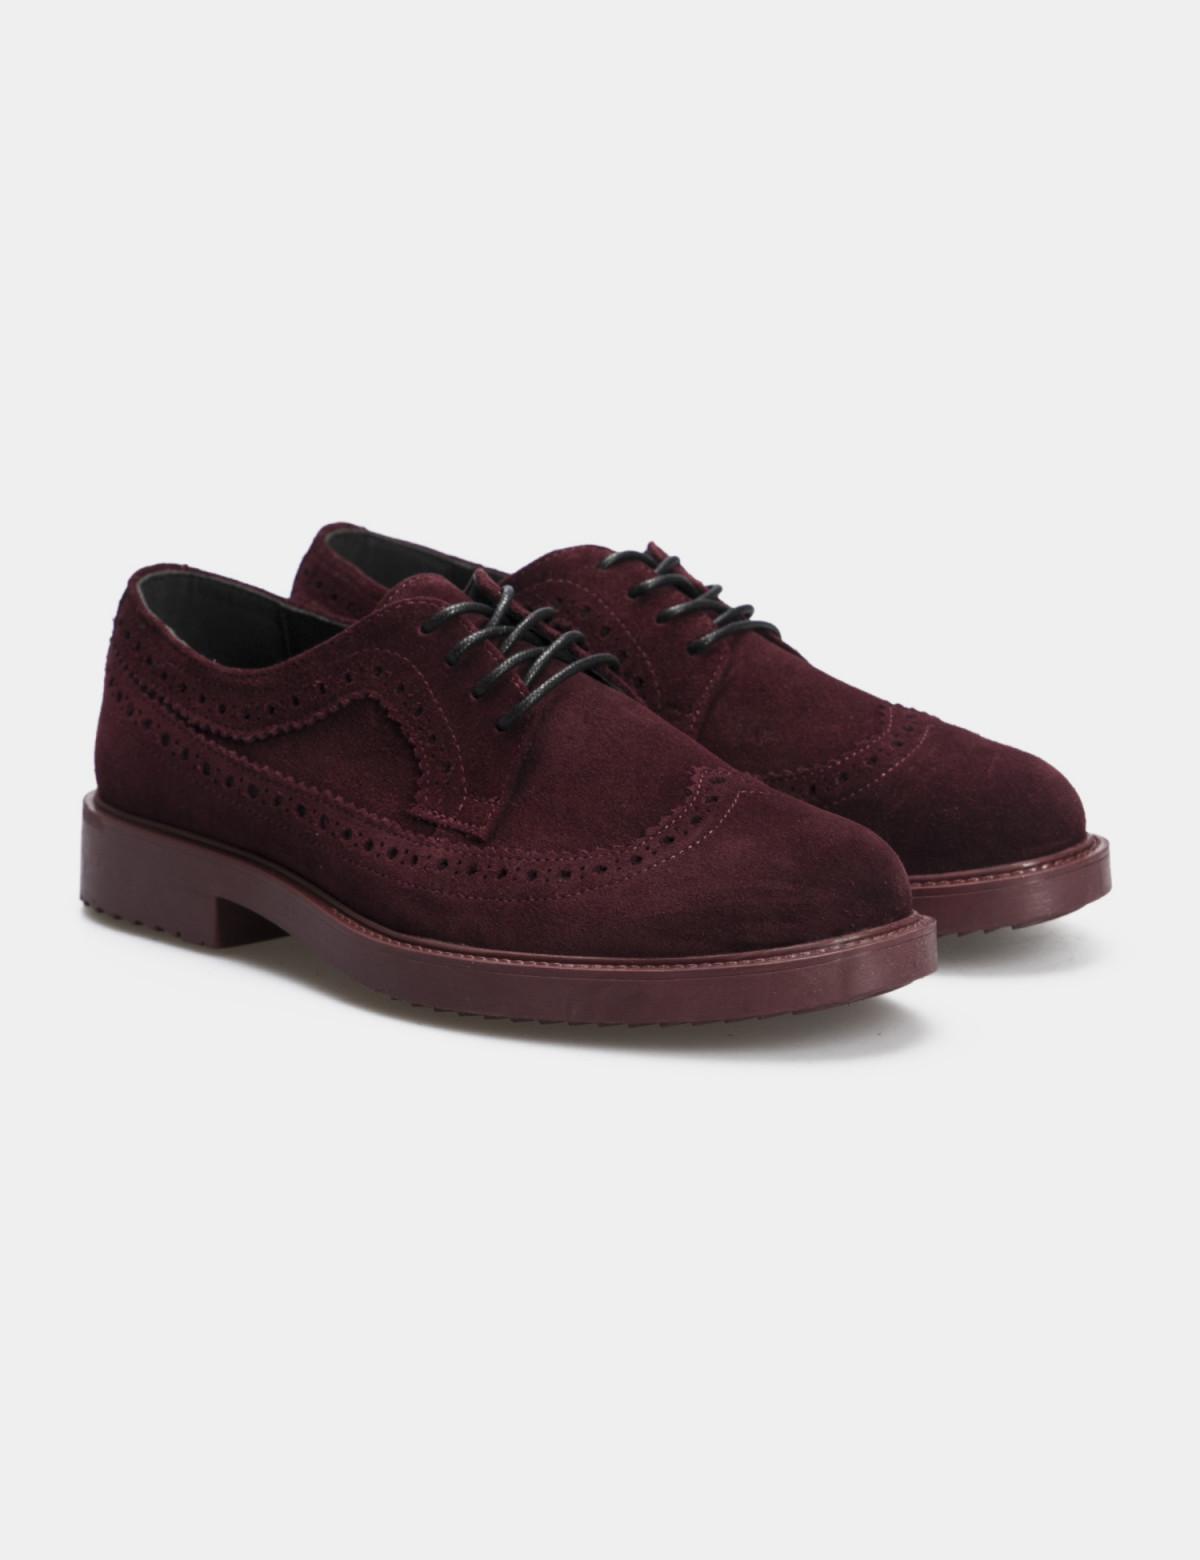 Туфли бордовые, натуральная замша1